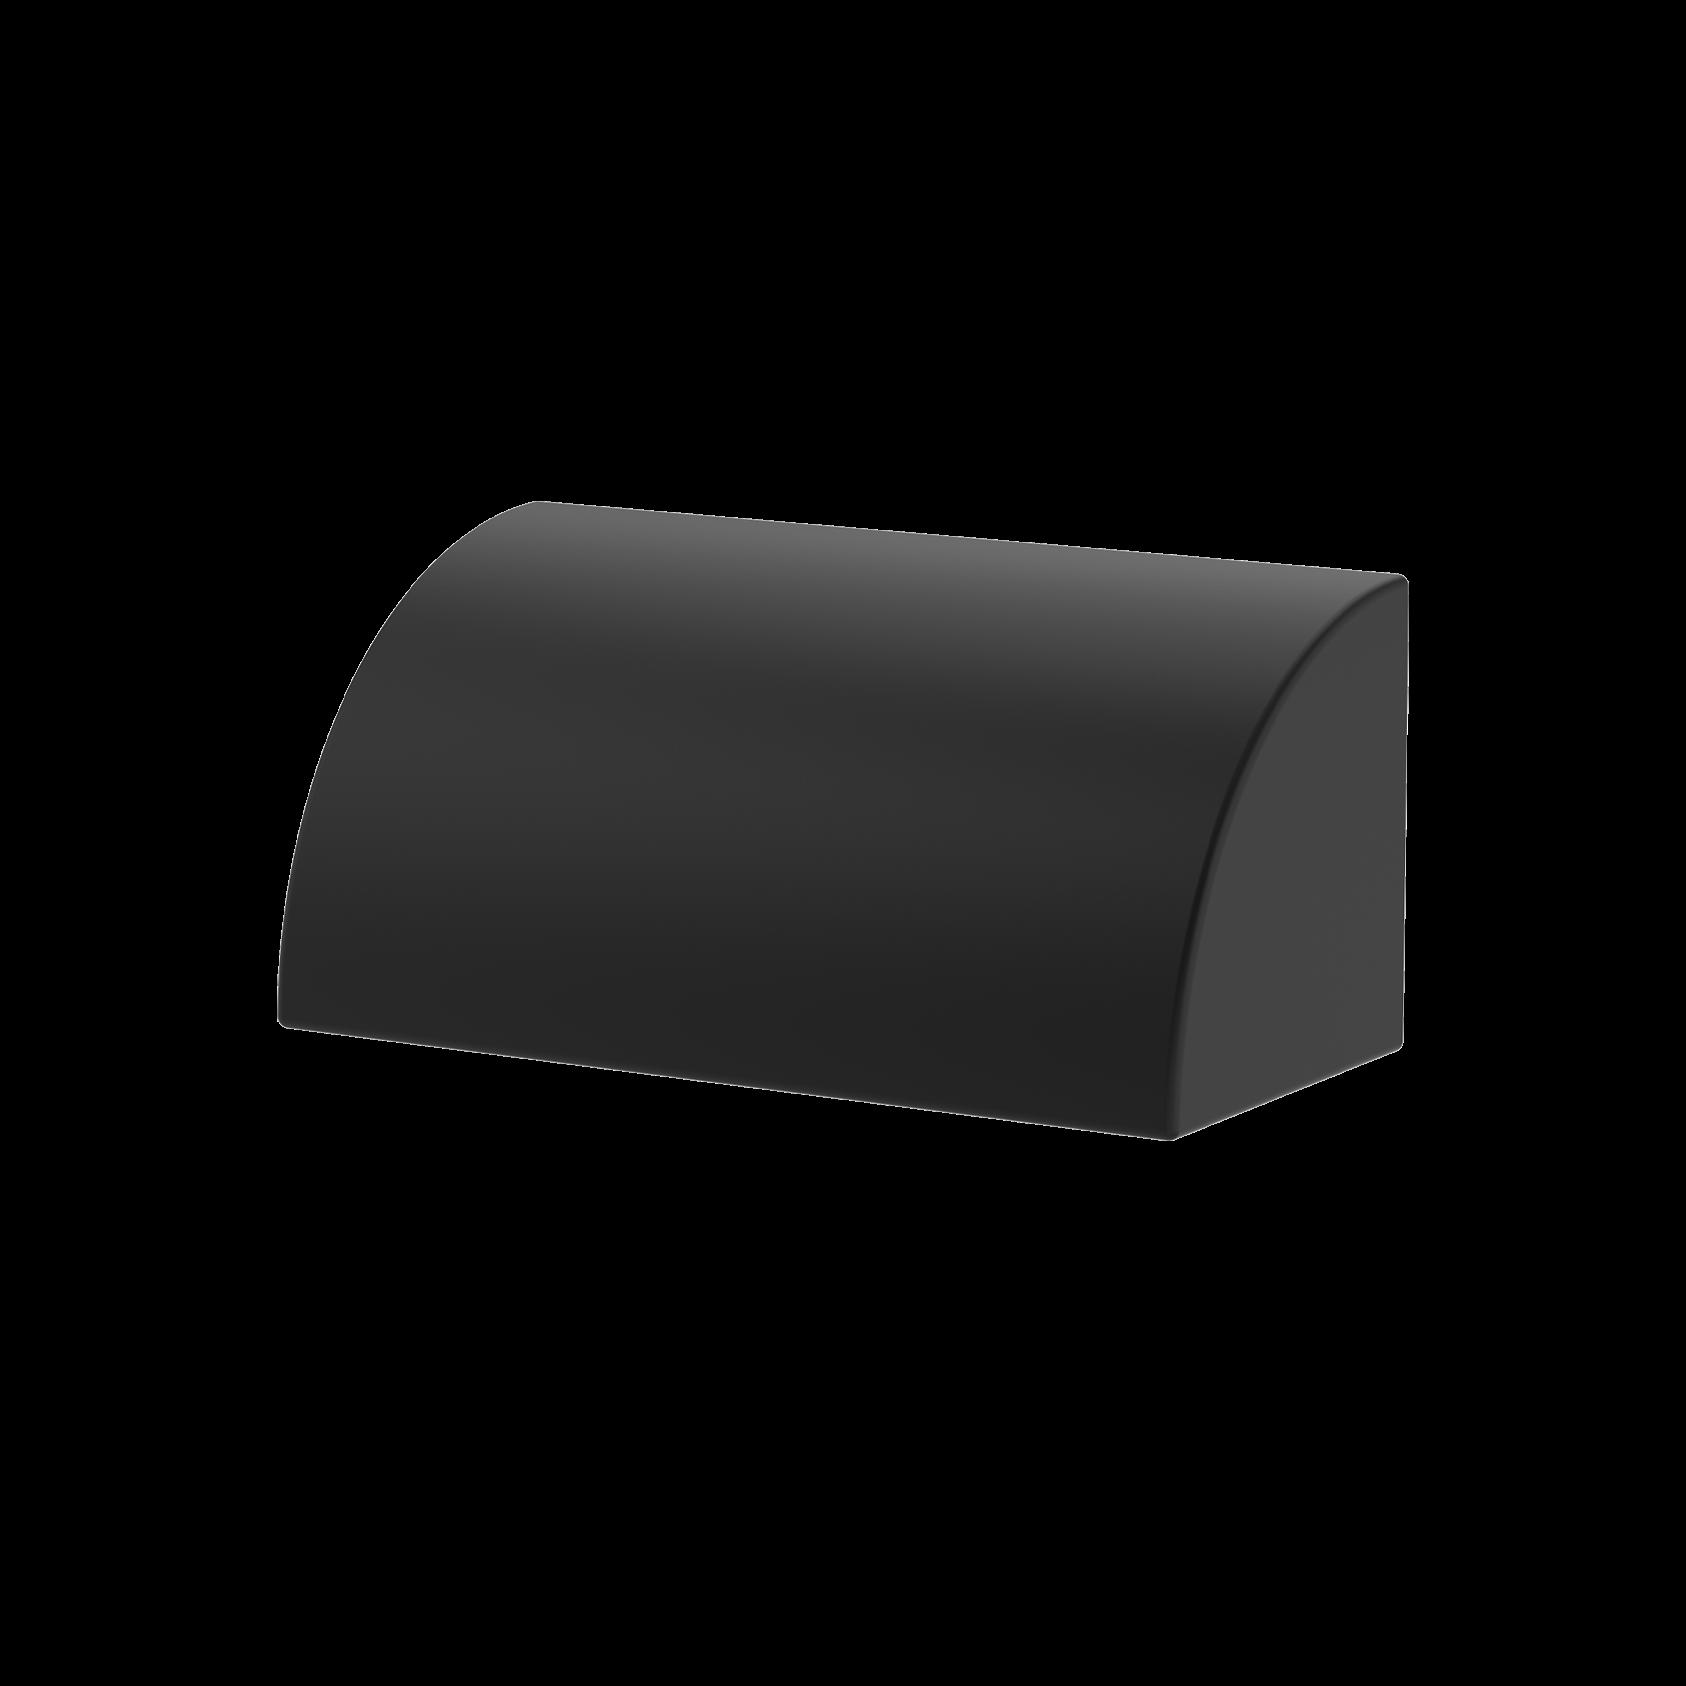 AQL-520